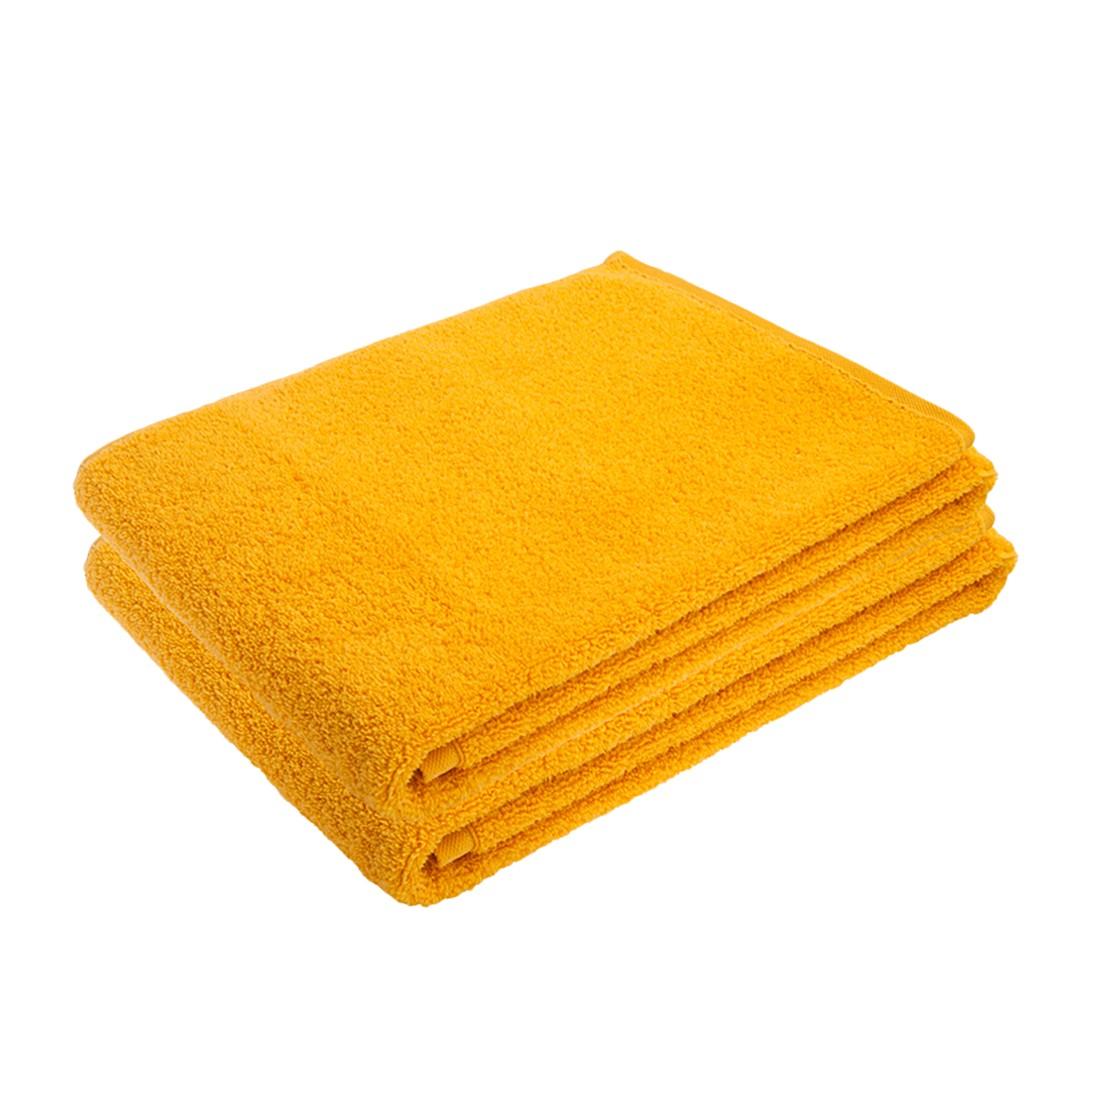 Handdoeken PURE (2-delige set) - 100% katoen - geel, stilana